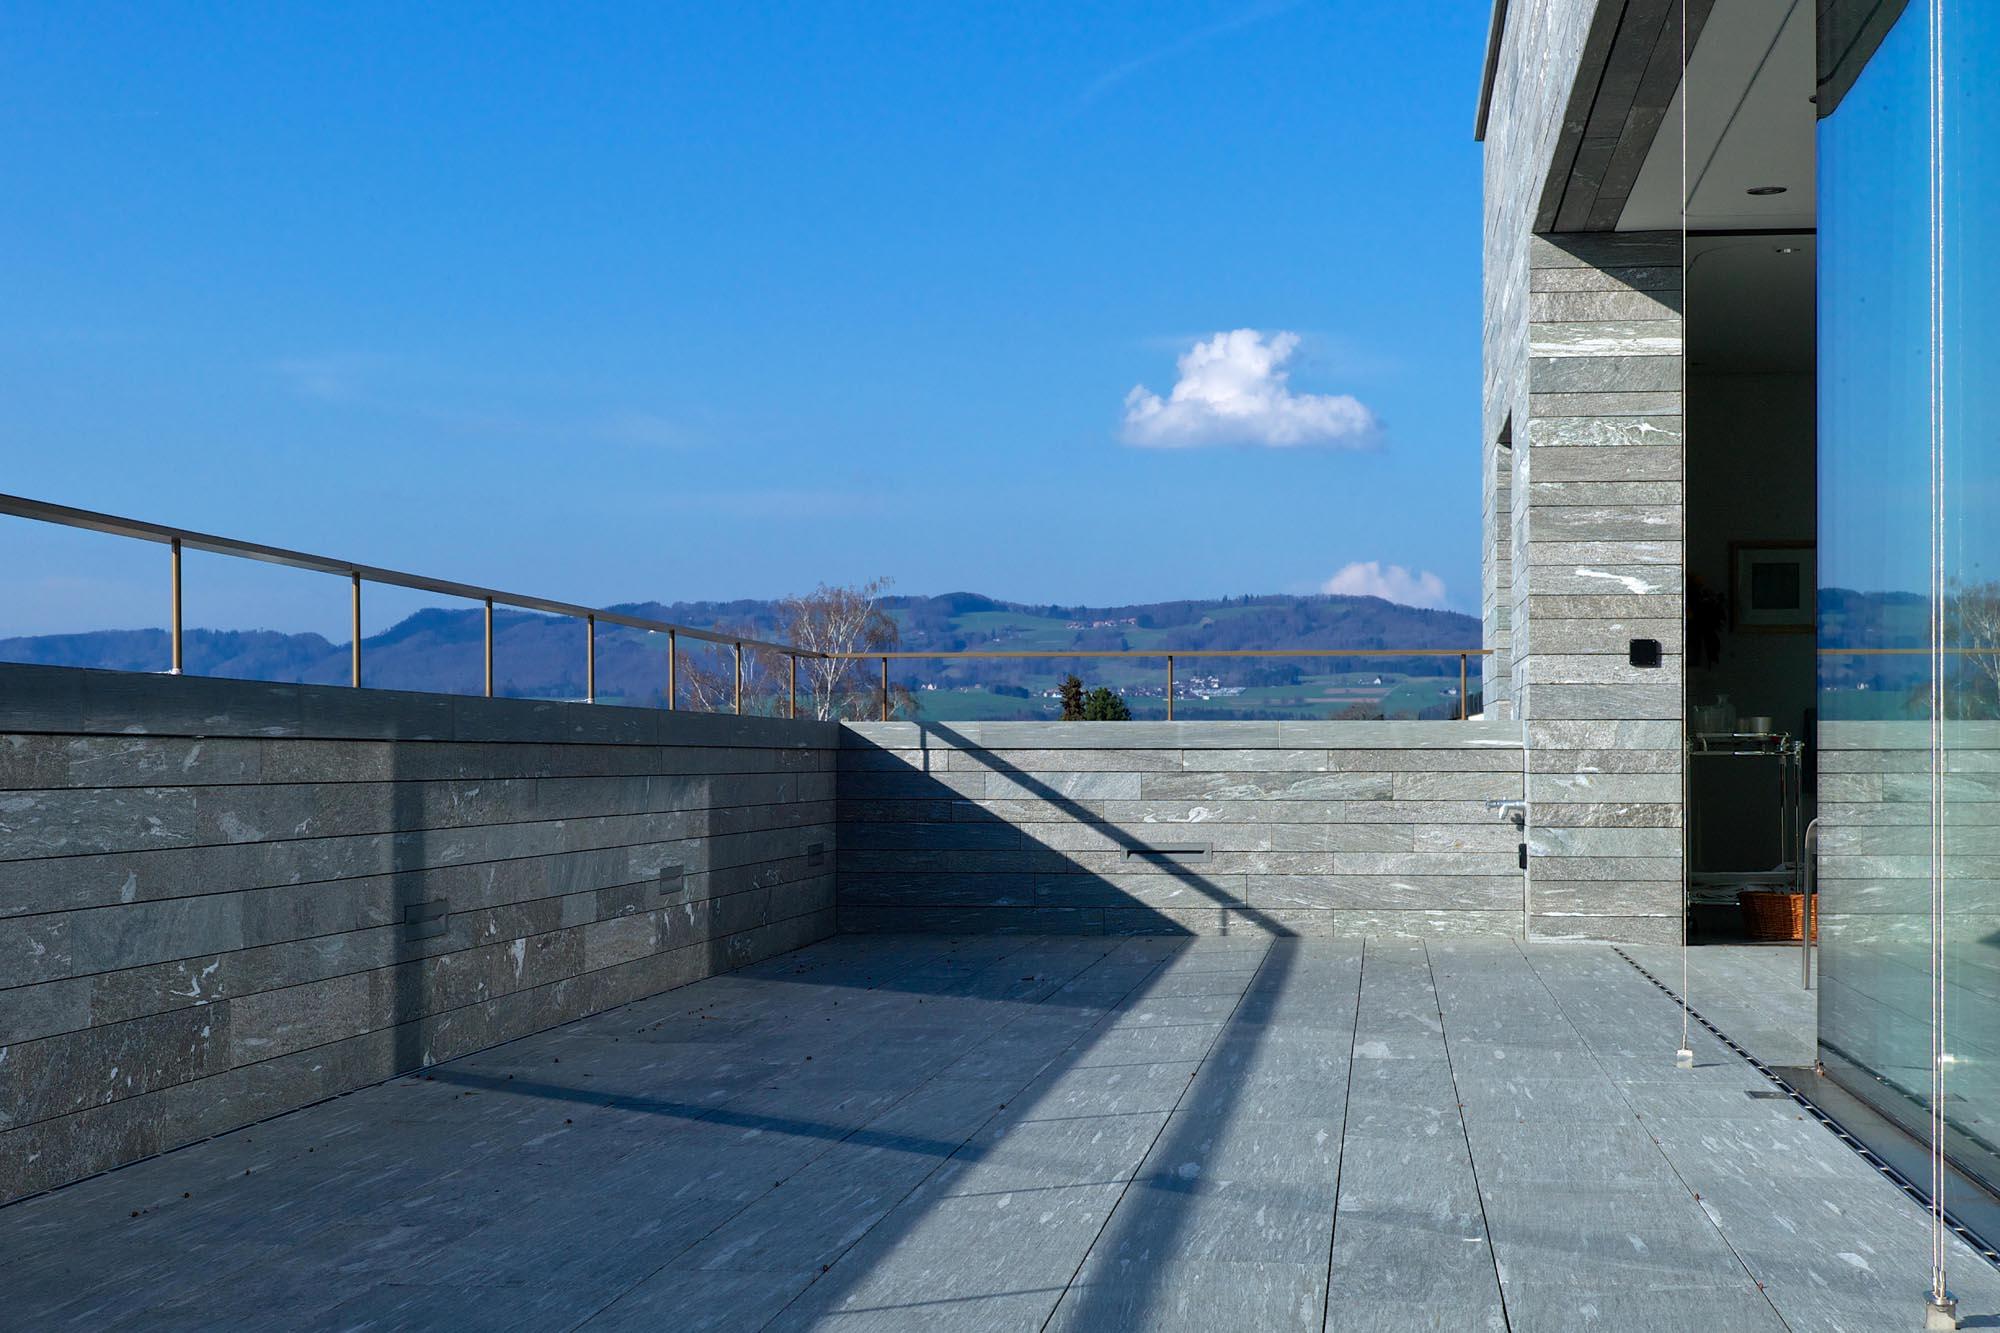 Terrasse Haus am Hang - Bei der Fassade aus Naturstein wurde das mechanische Befestigungssystem StoneFix eingesetzt.